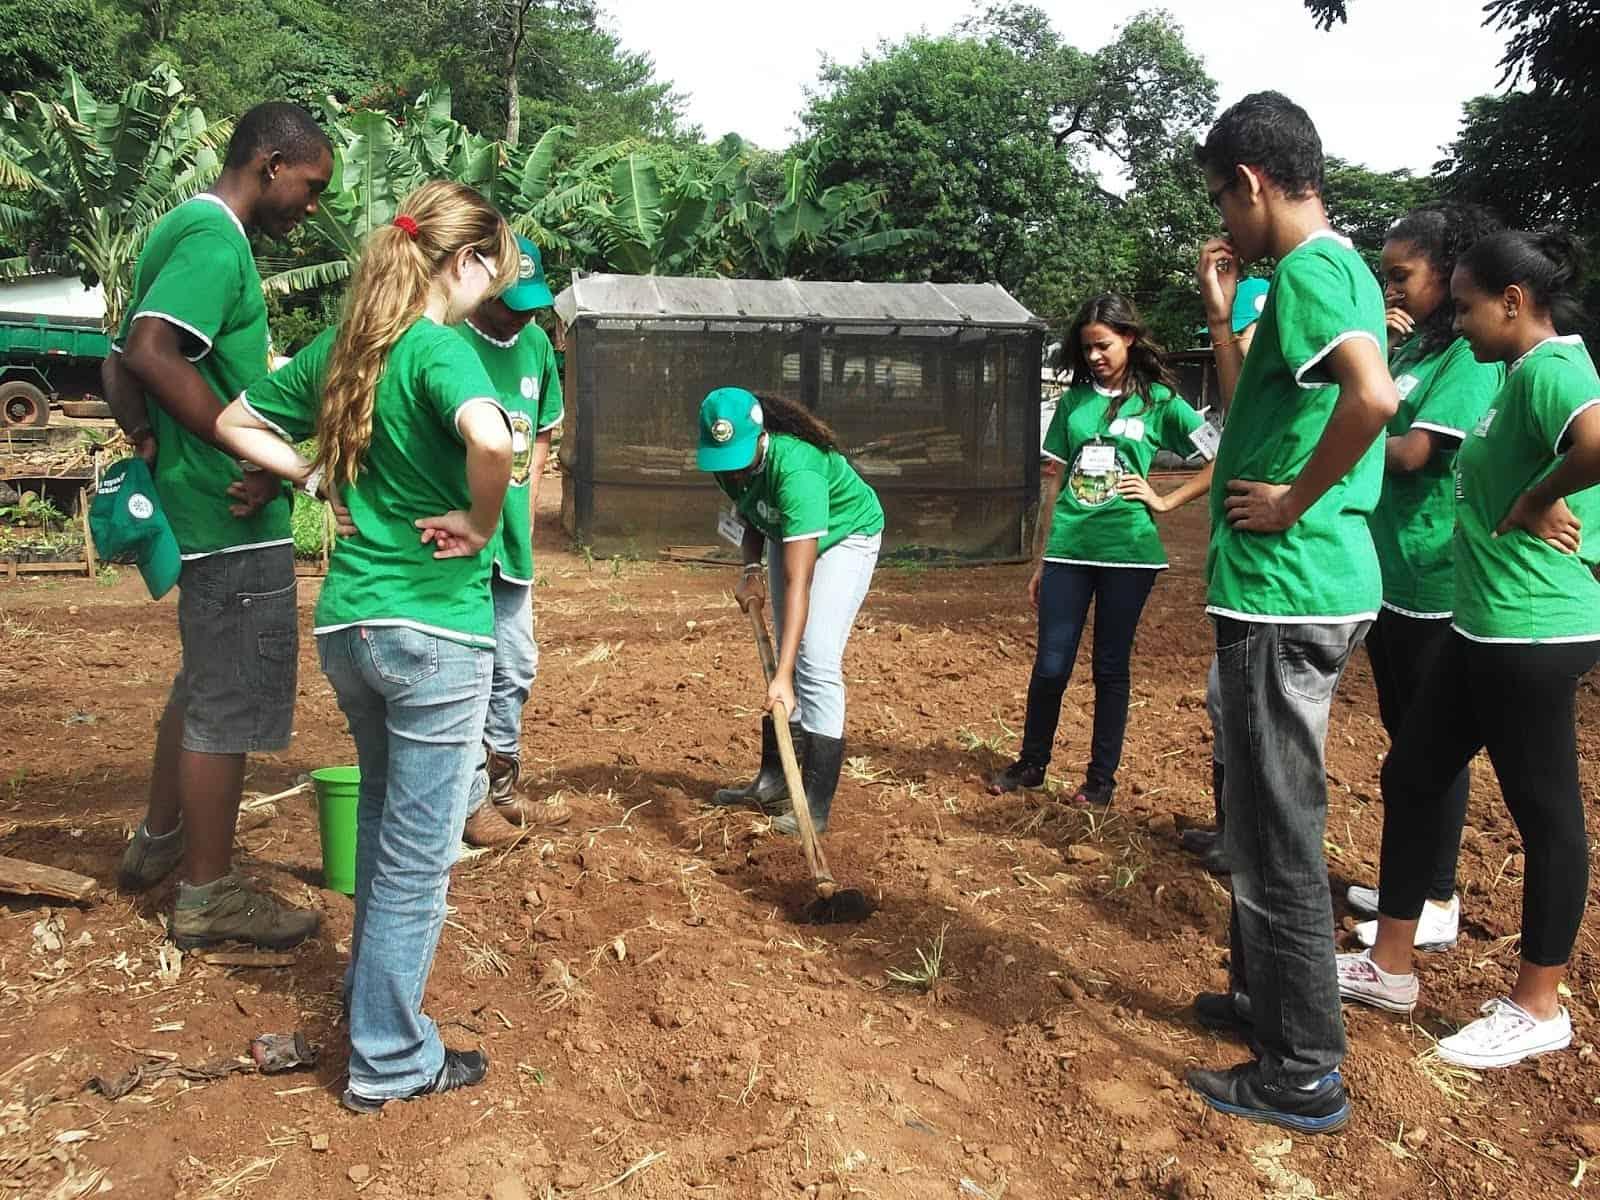 Jovem Aprendiz Rural: Município da Bahia cria seleção em parceria com SENAR